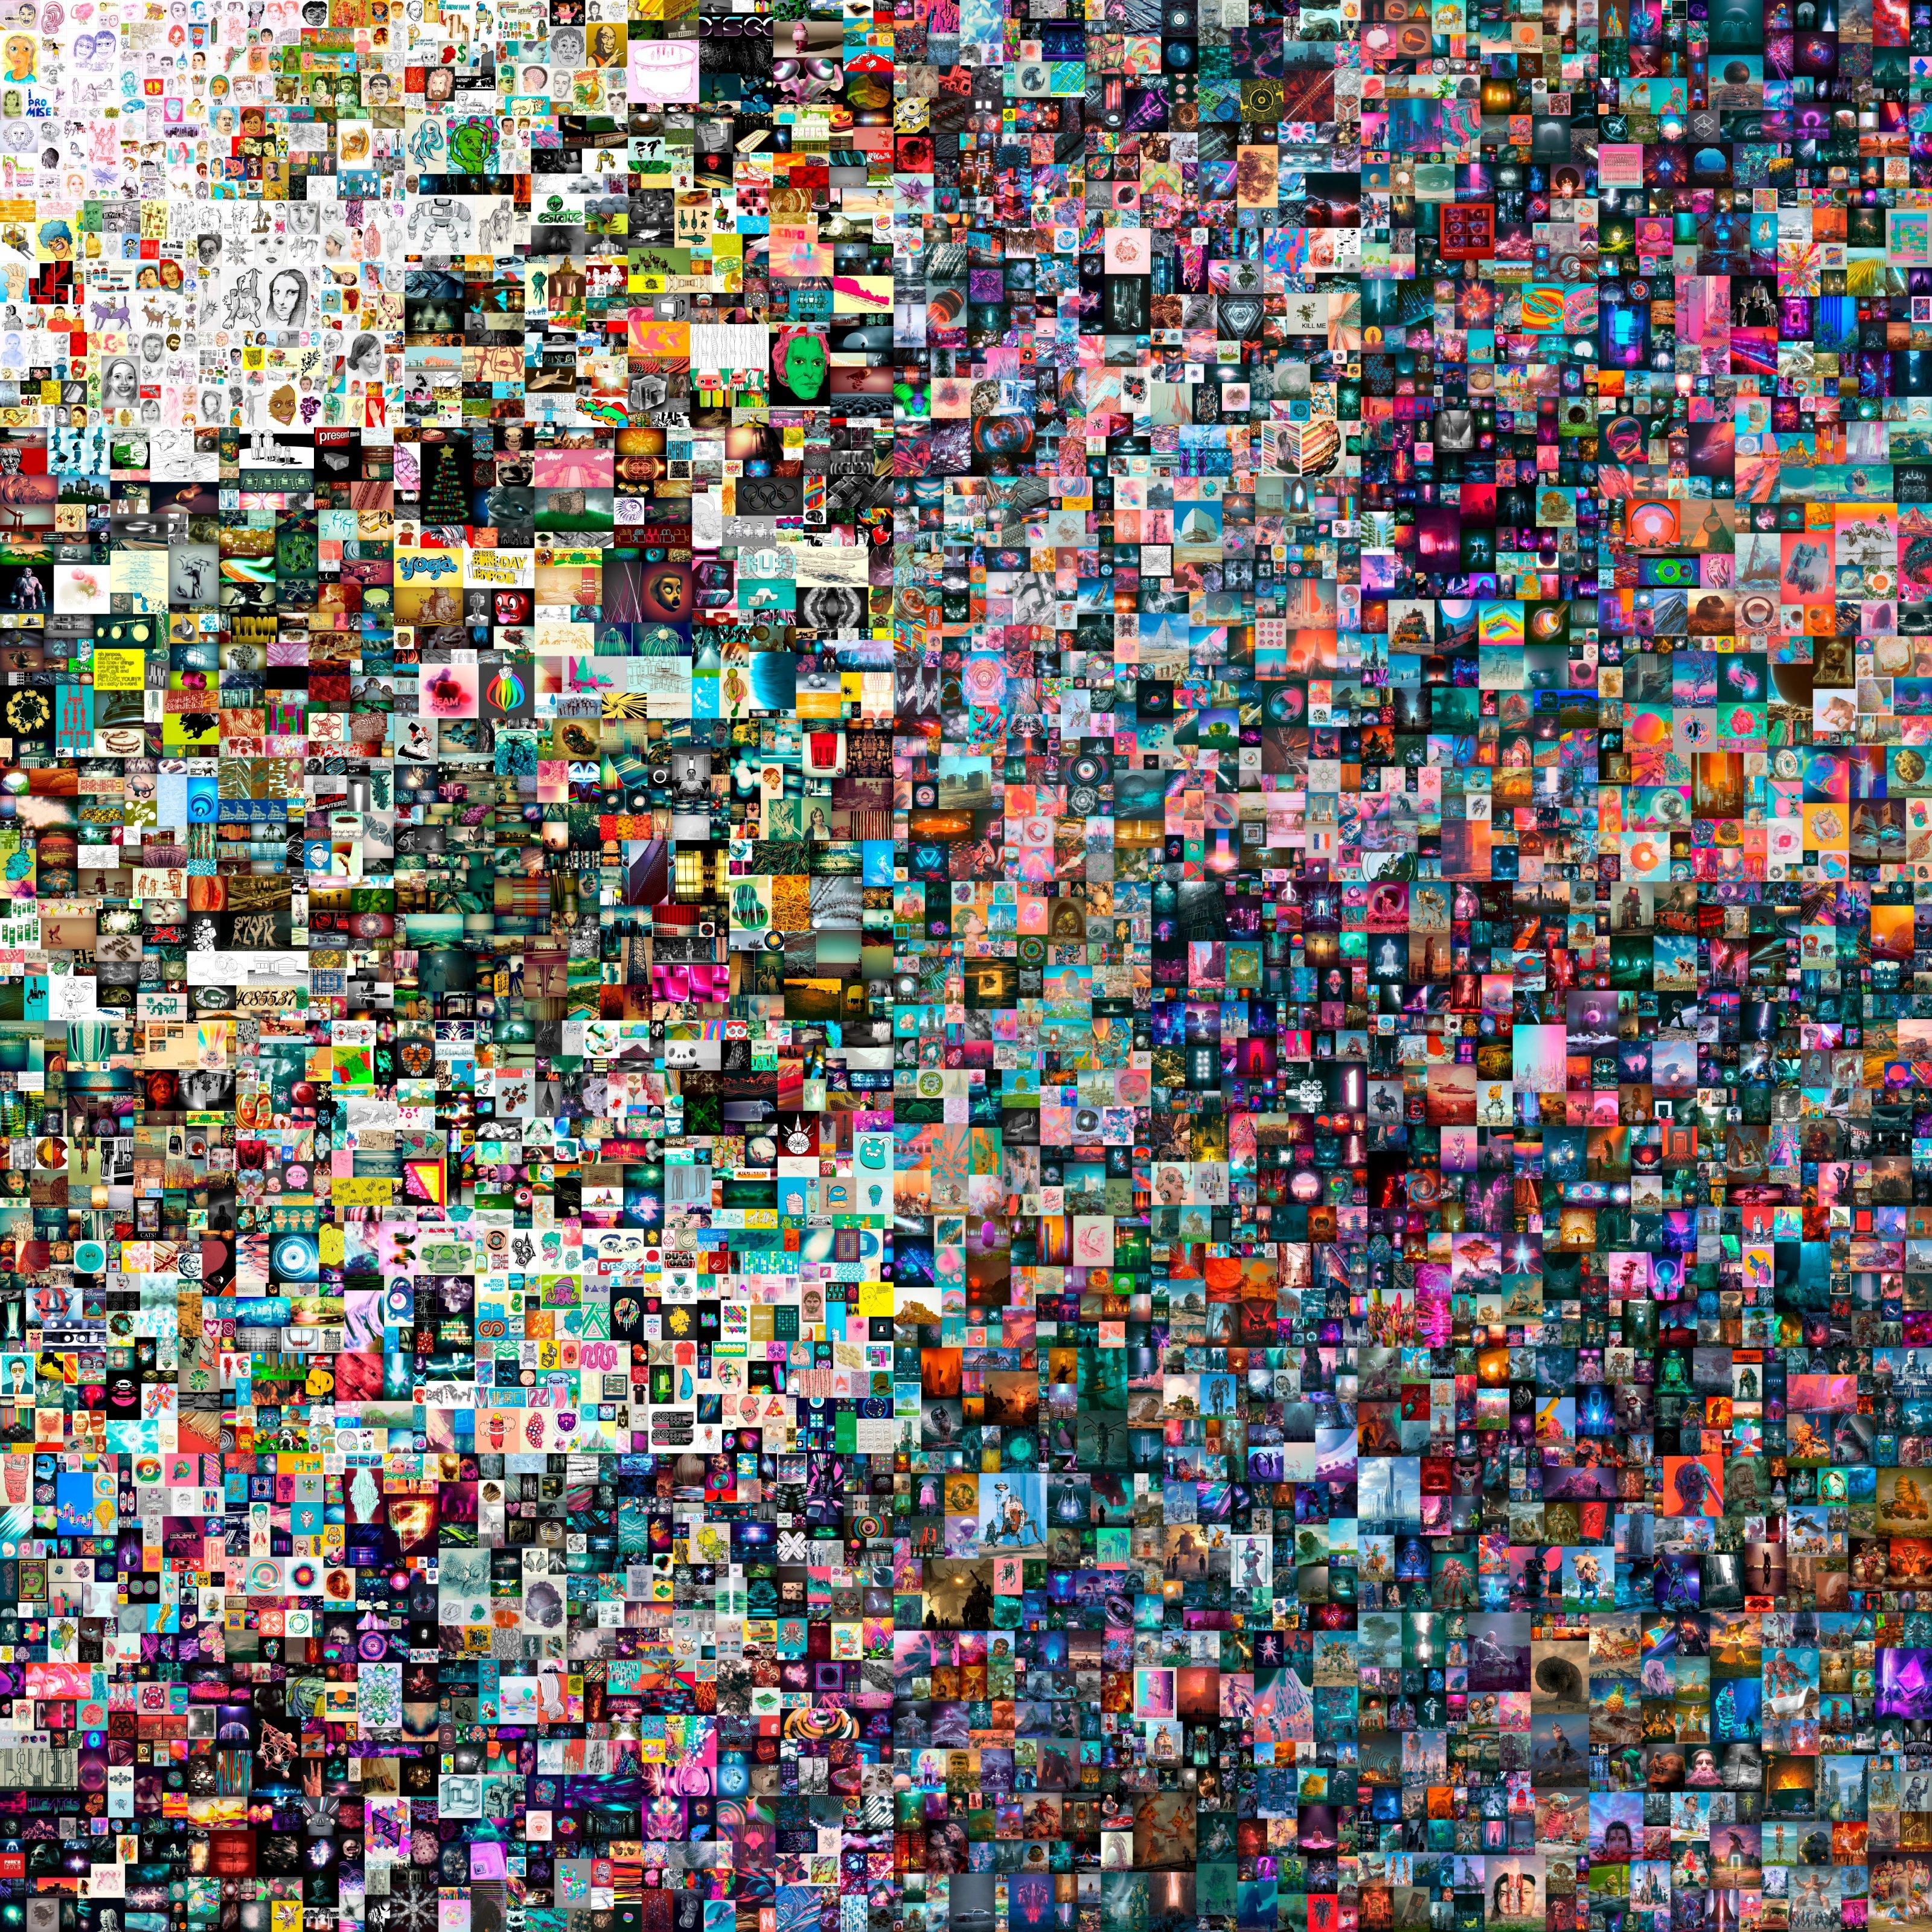 Цифрове мистецтво: картину цифрового художника Beeple продали на аукціоні за 69 млн доларів - фото 2